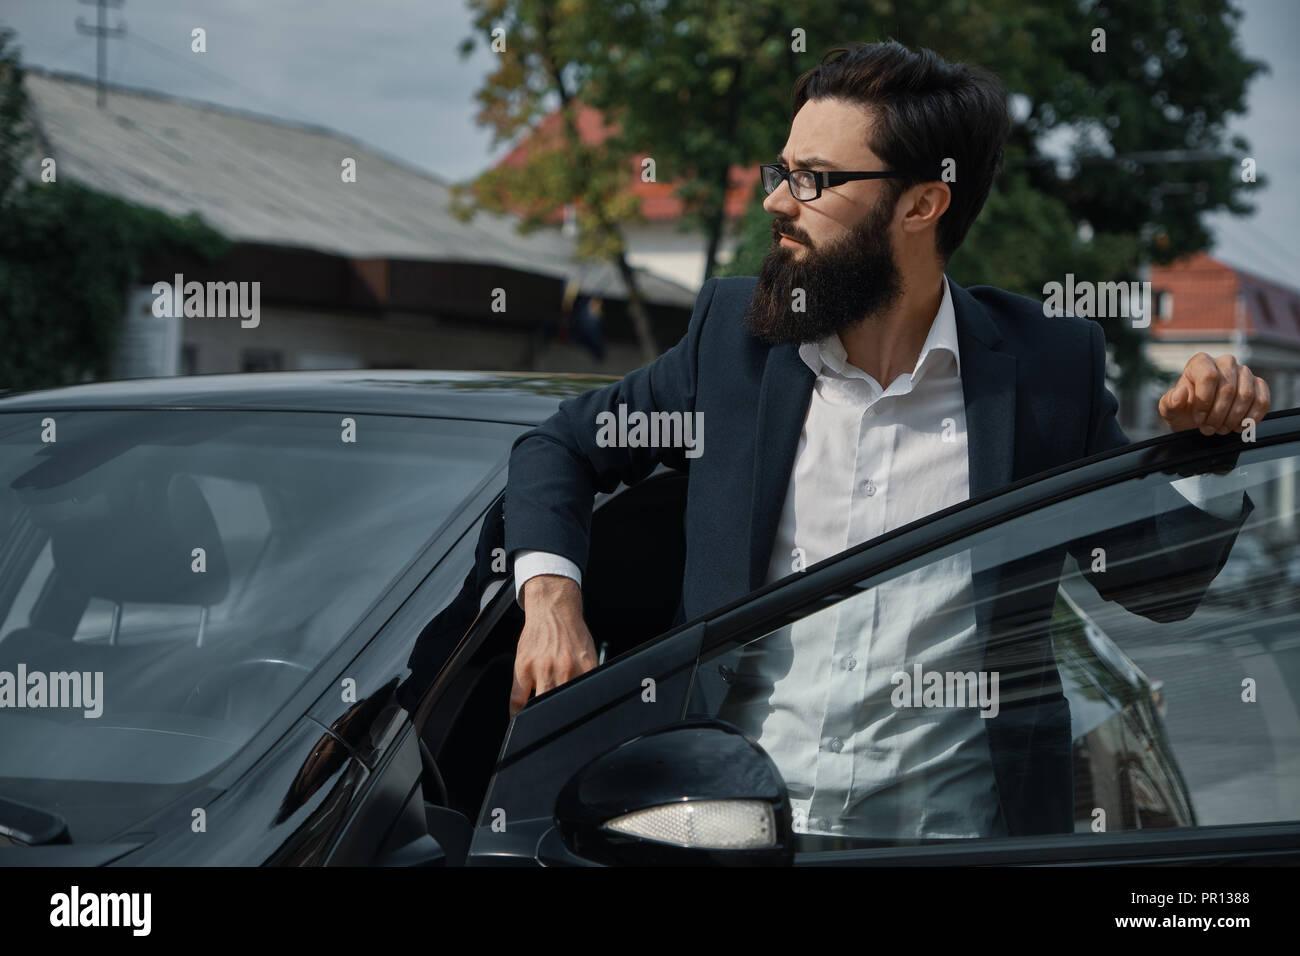 Fiduciosi nella sua scelta. Fiducioso uomo in abbigliamento formale tenendo la mano sulla vettura ha aperto la porta e cercando di destra mentre il fissaggio i suoi occhiali con mano. Immagini Stock